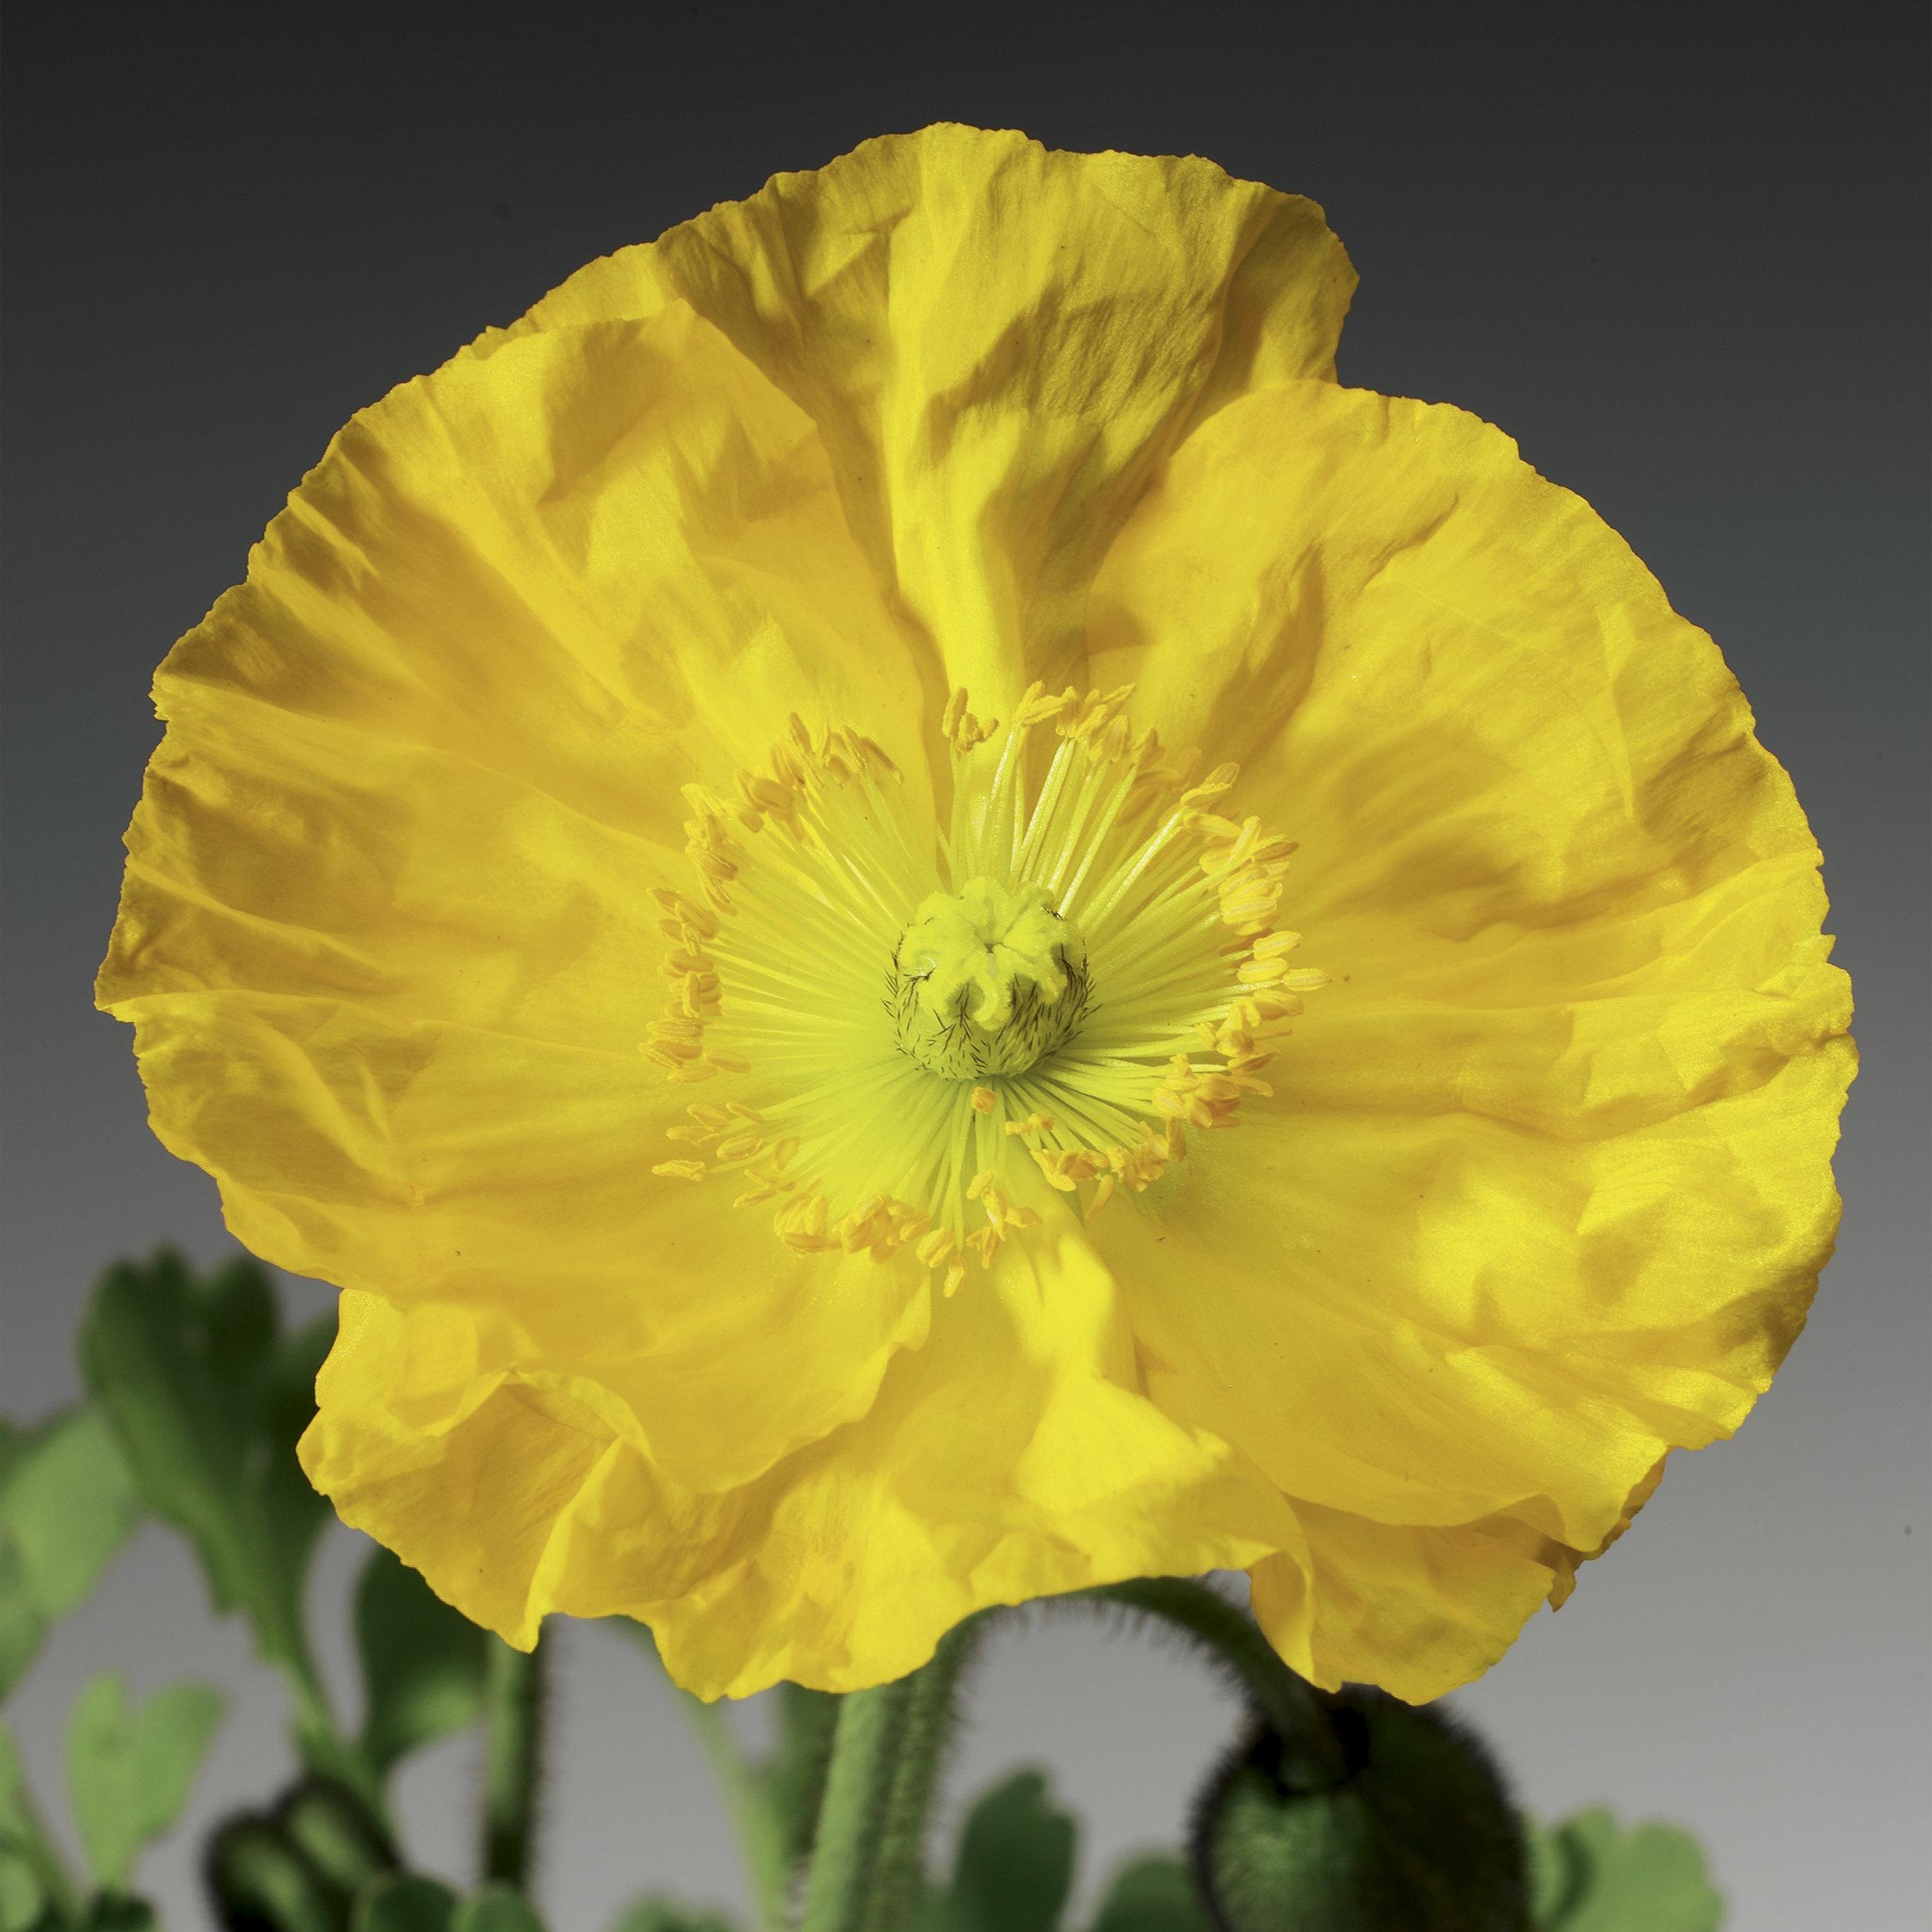 HR_Seed_Papaver_Pulchinella__Pulchinella__Yellow_70000833_1.jpg